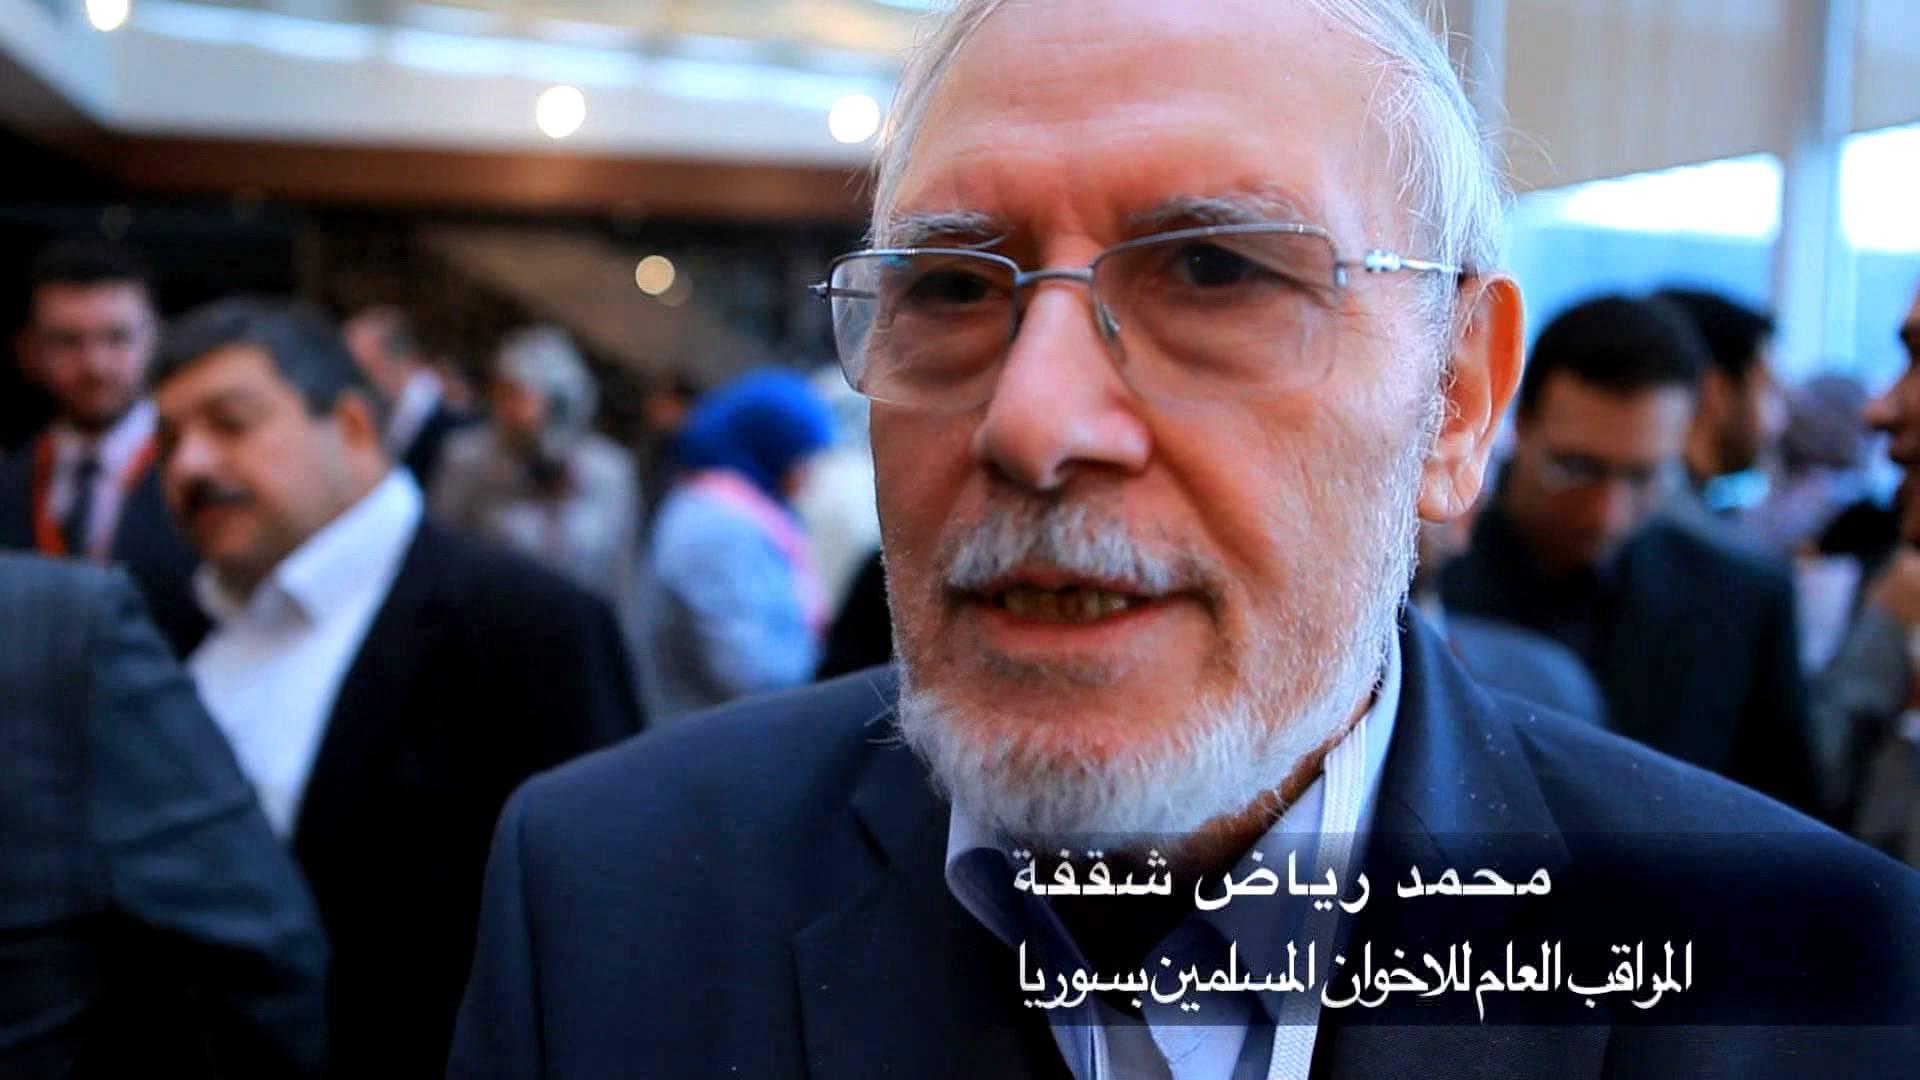 قالوا عن المؤتمر – محمد رياض شقفة